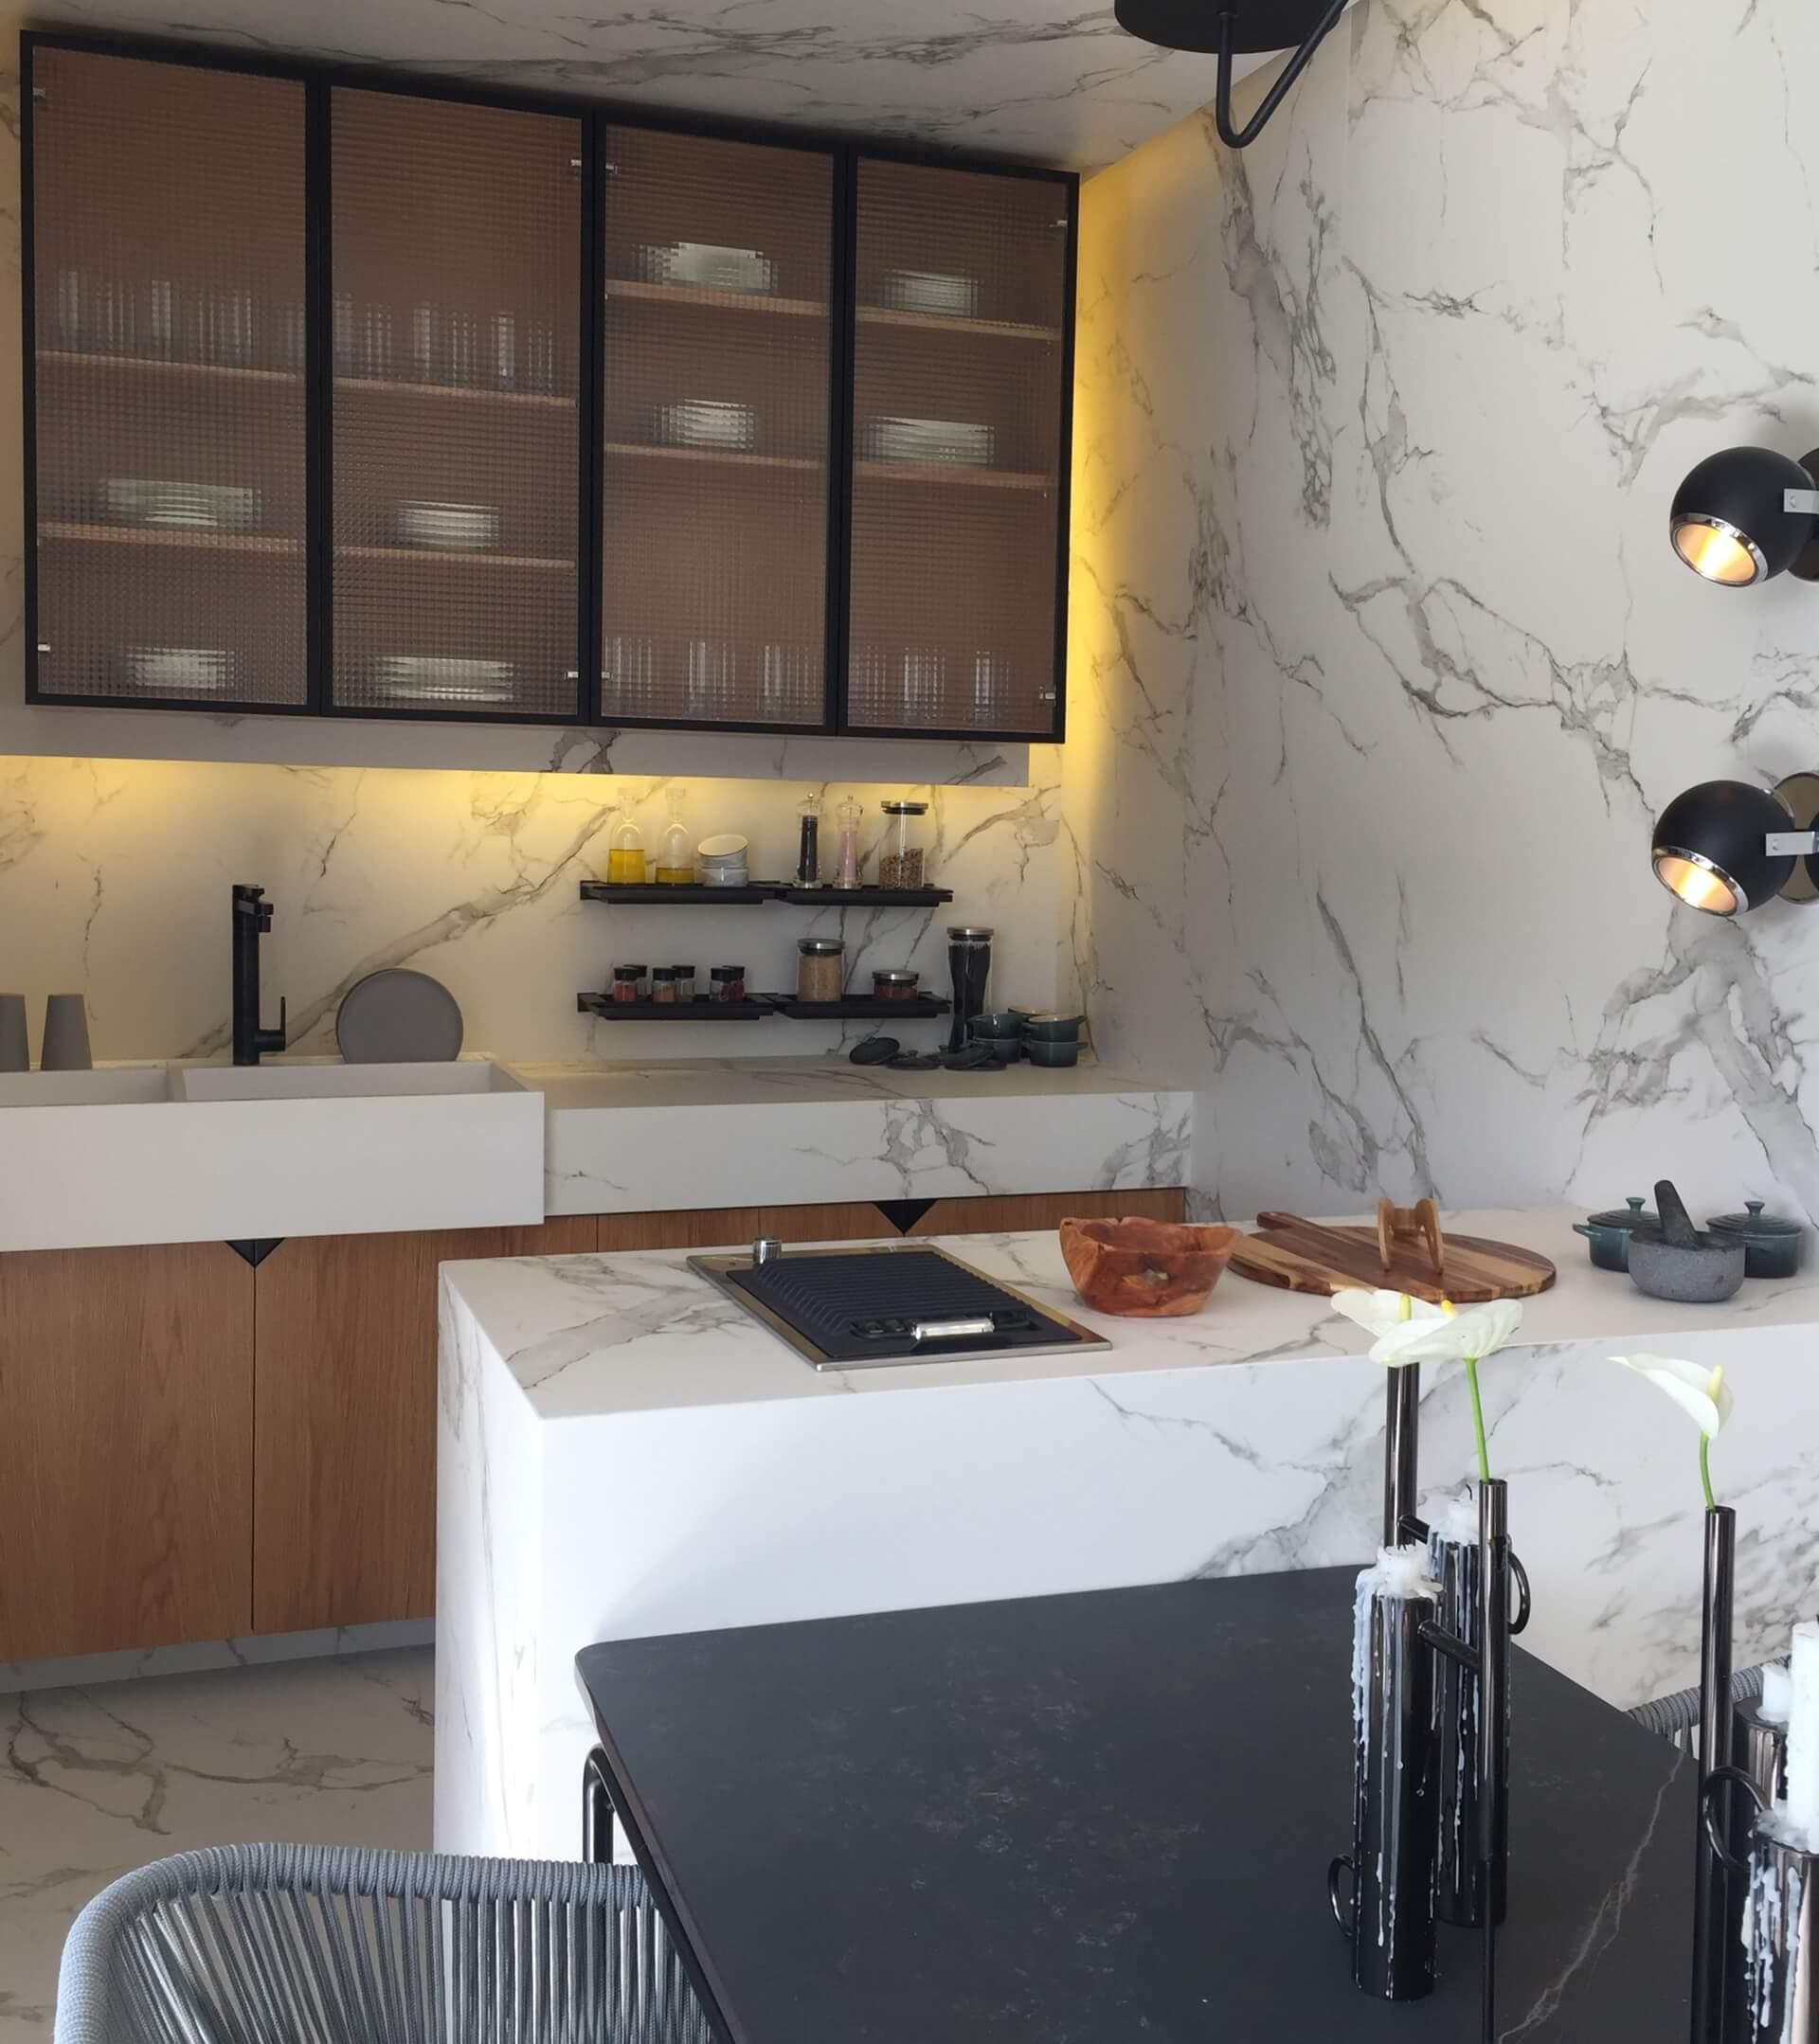 Imagem: Bancadas, piso e parede de porcelanato marmorizado em cozinha da Casa Cor Florianópolis 2018. Foto: Arquiteca Projetos.